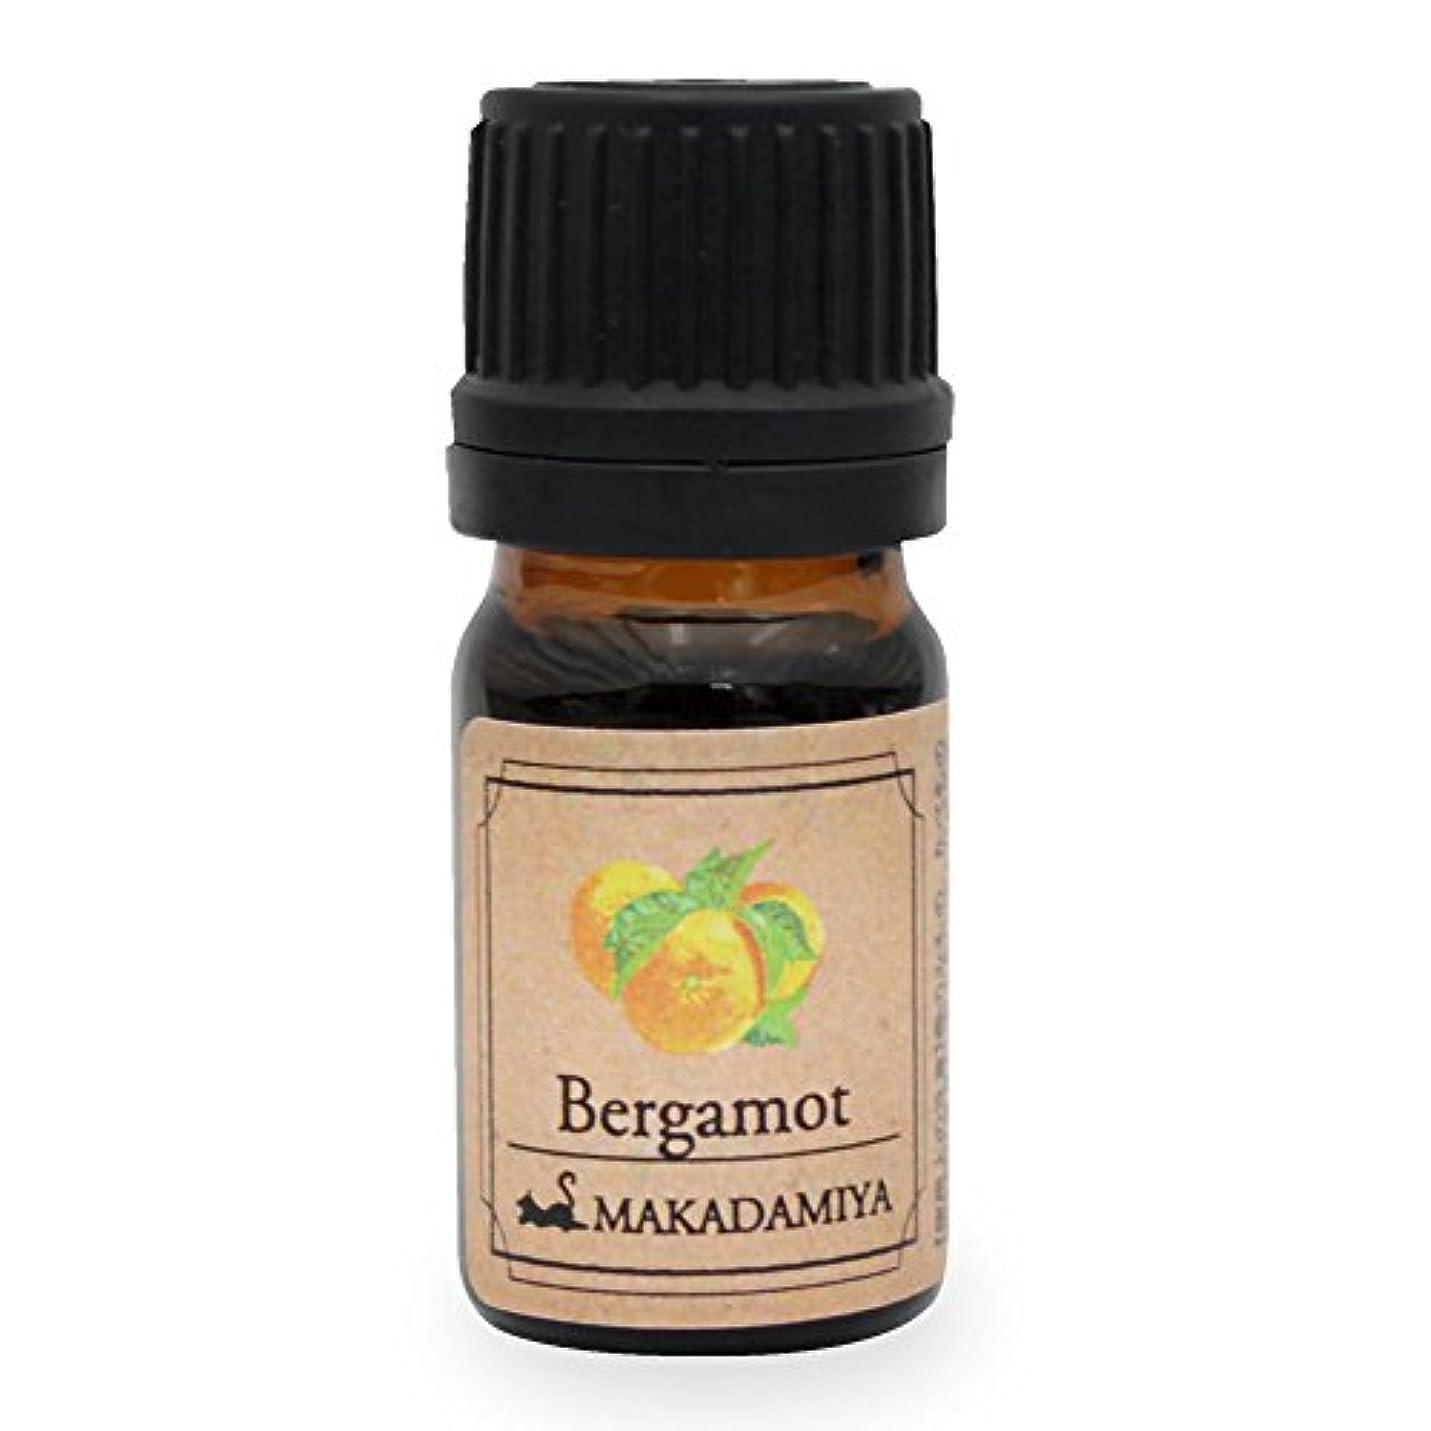 手紙を書く女王シールベルガモット5ml 天然100%植物性 エッセンシャルオイル(精油) アロマオイル アロママッサージ aroma Bergamot